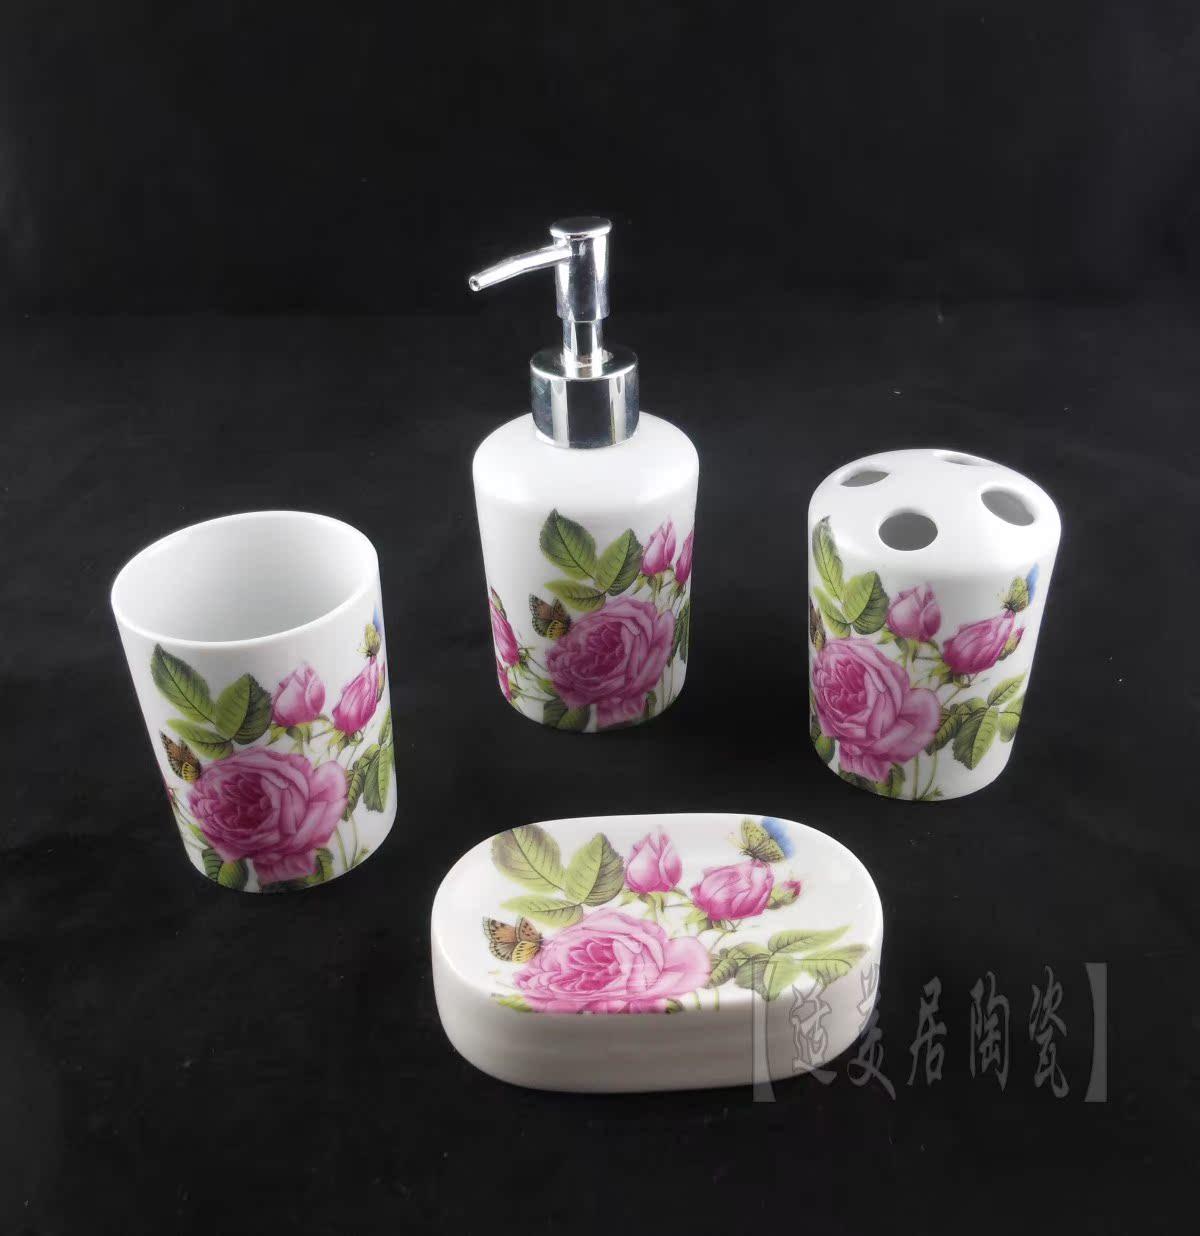 时尚浴室洗漱居家陶瓷用品浅红色玫瑰花图案卫浴四件套装浴室用品